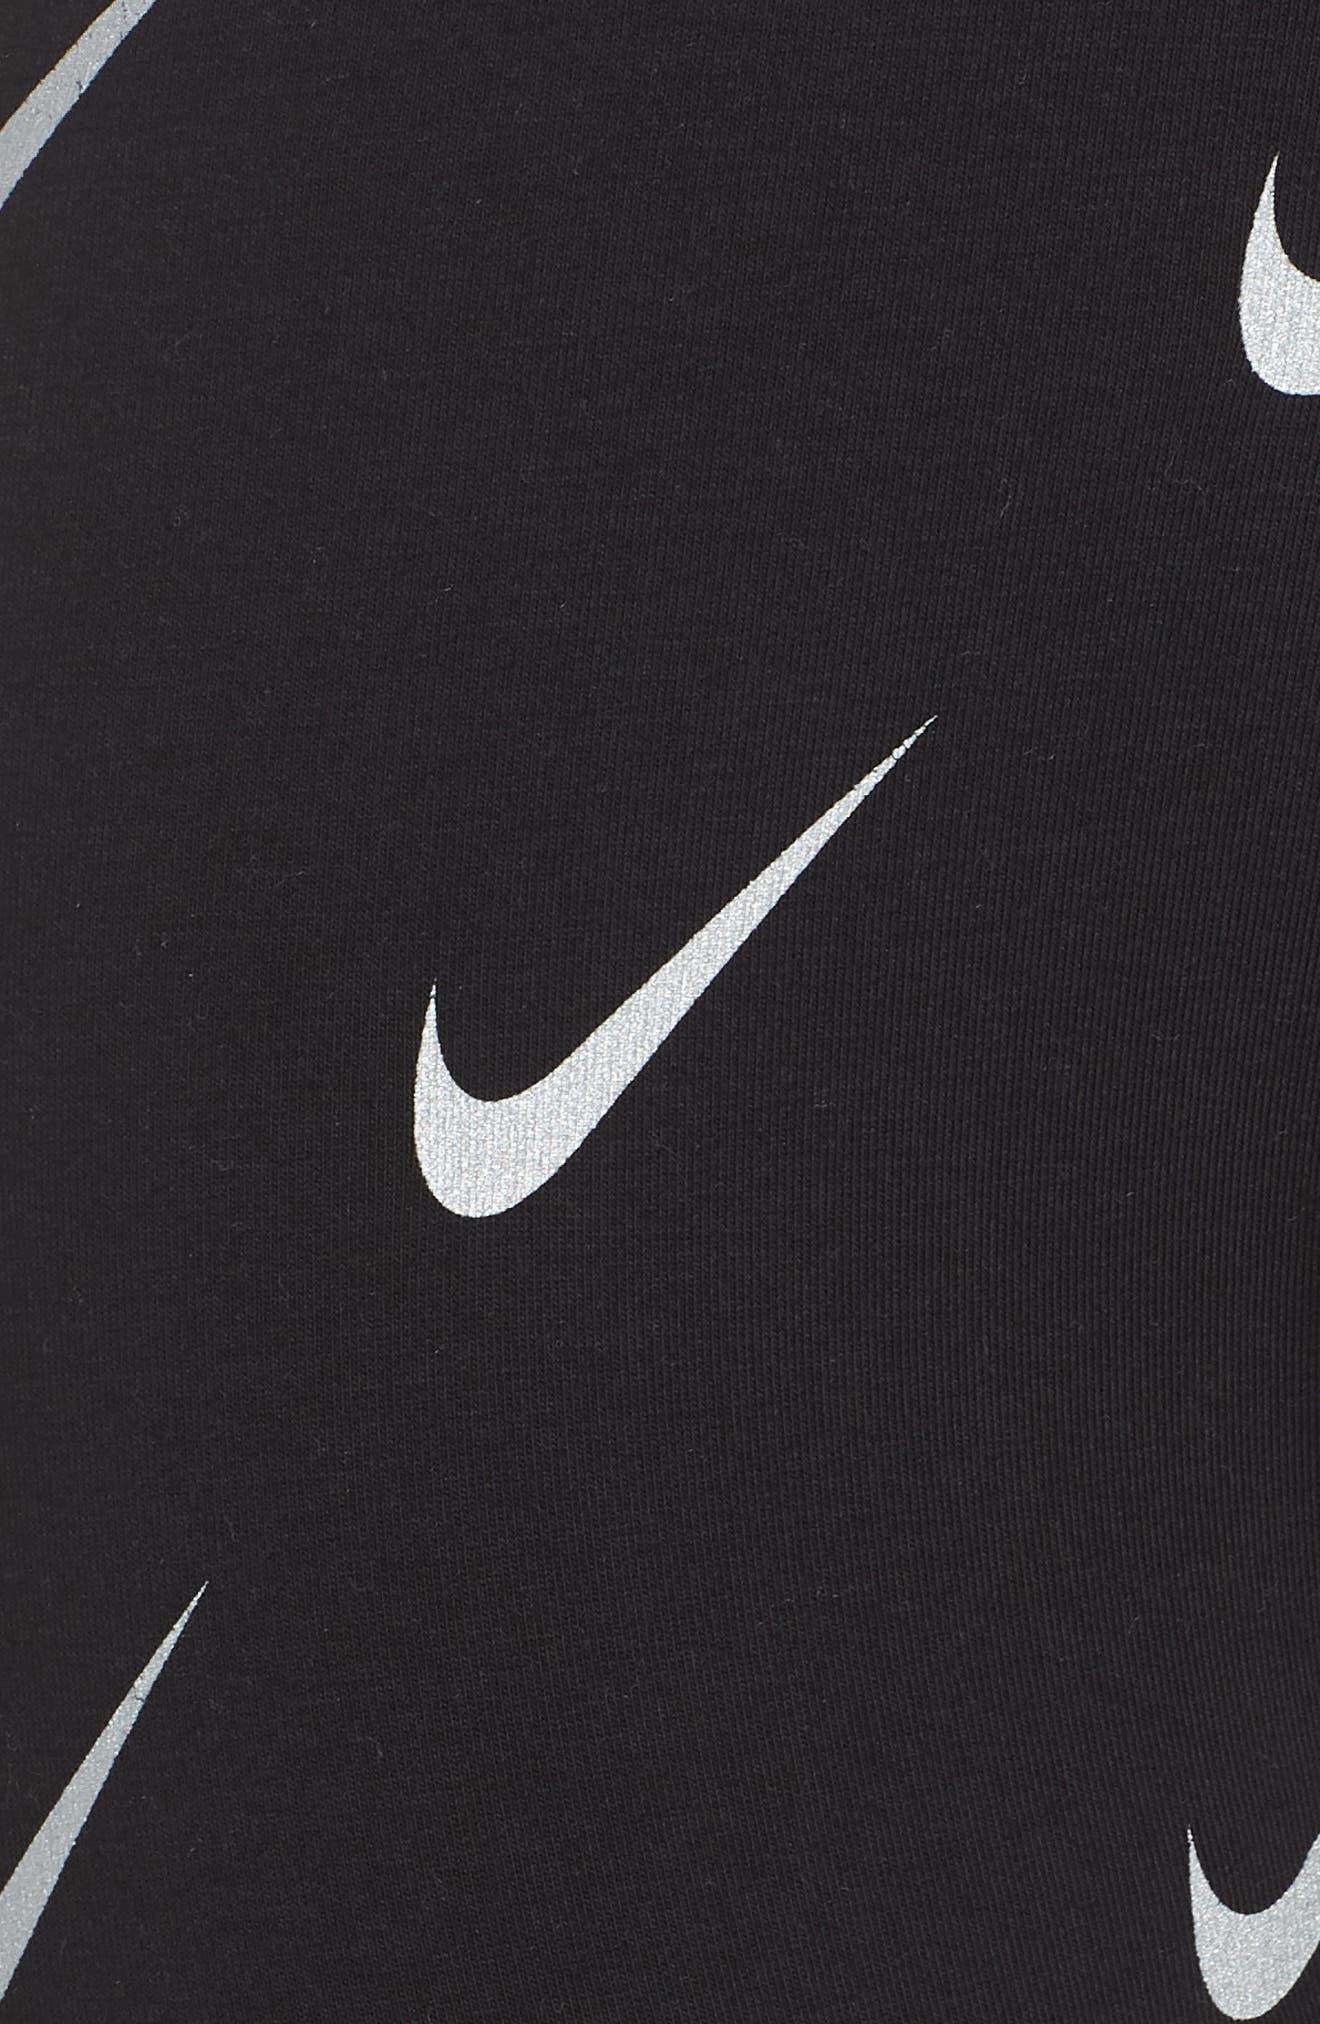 Sportswear Allover Print Logo Leggings,                             Alternate thumbnail 6, color,                             BLACK